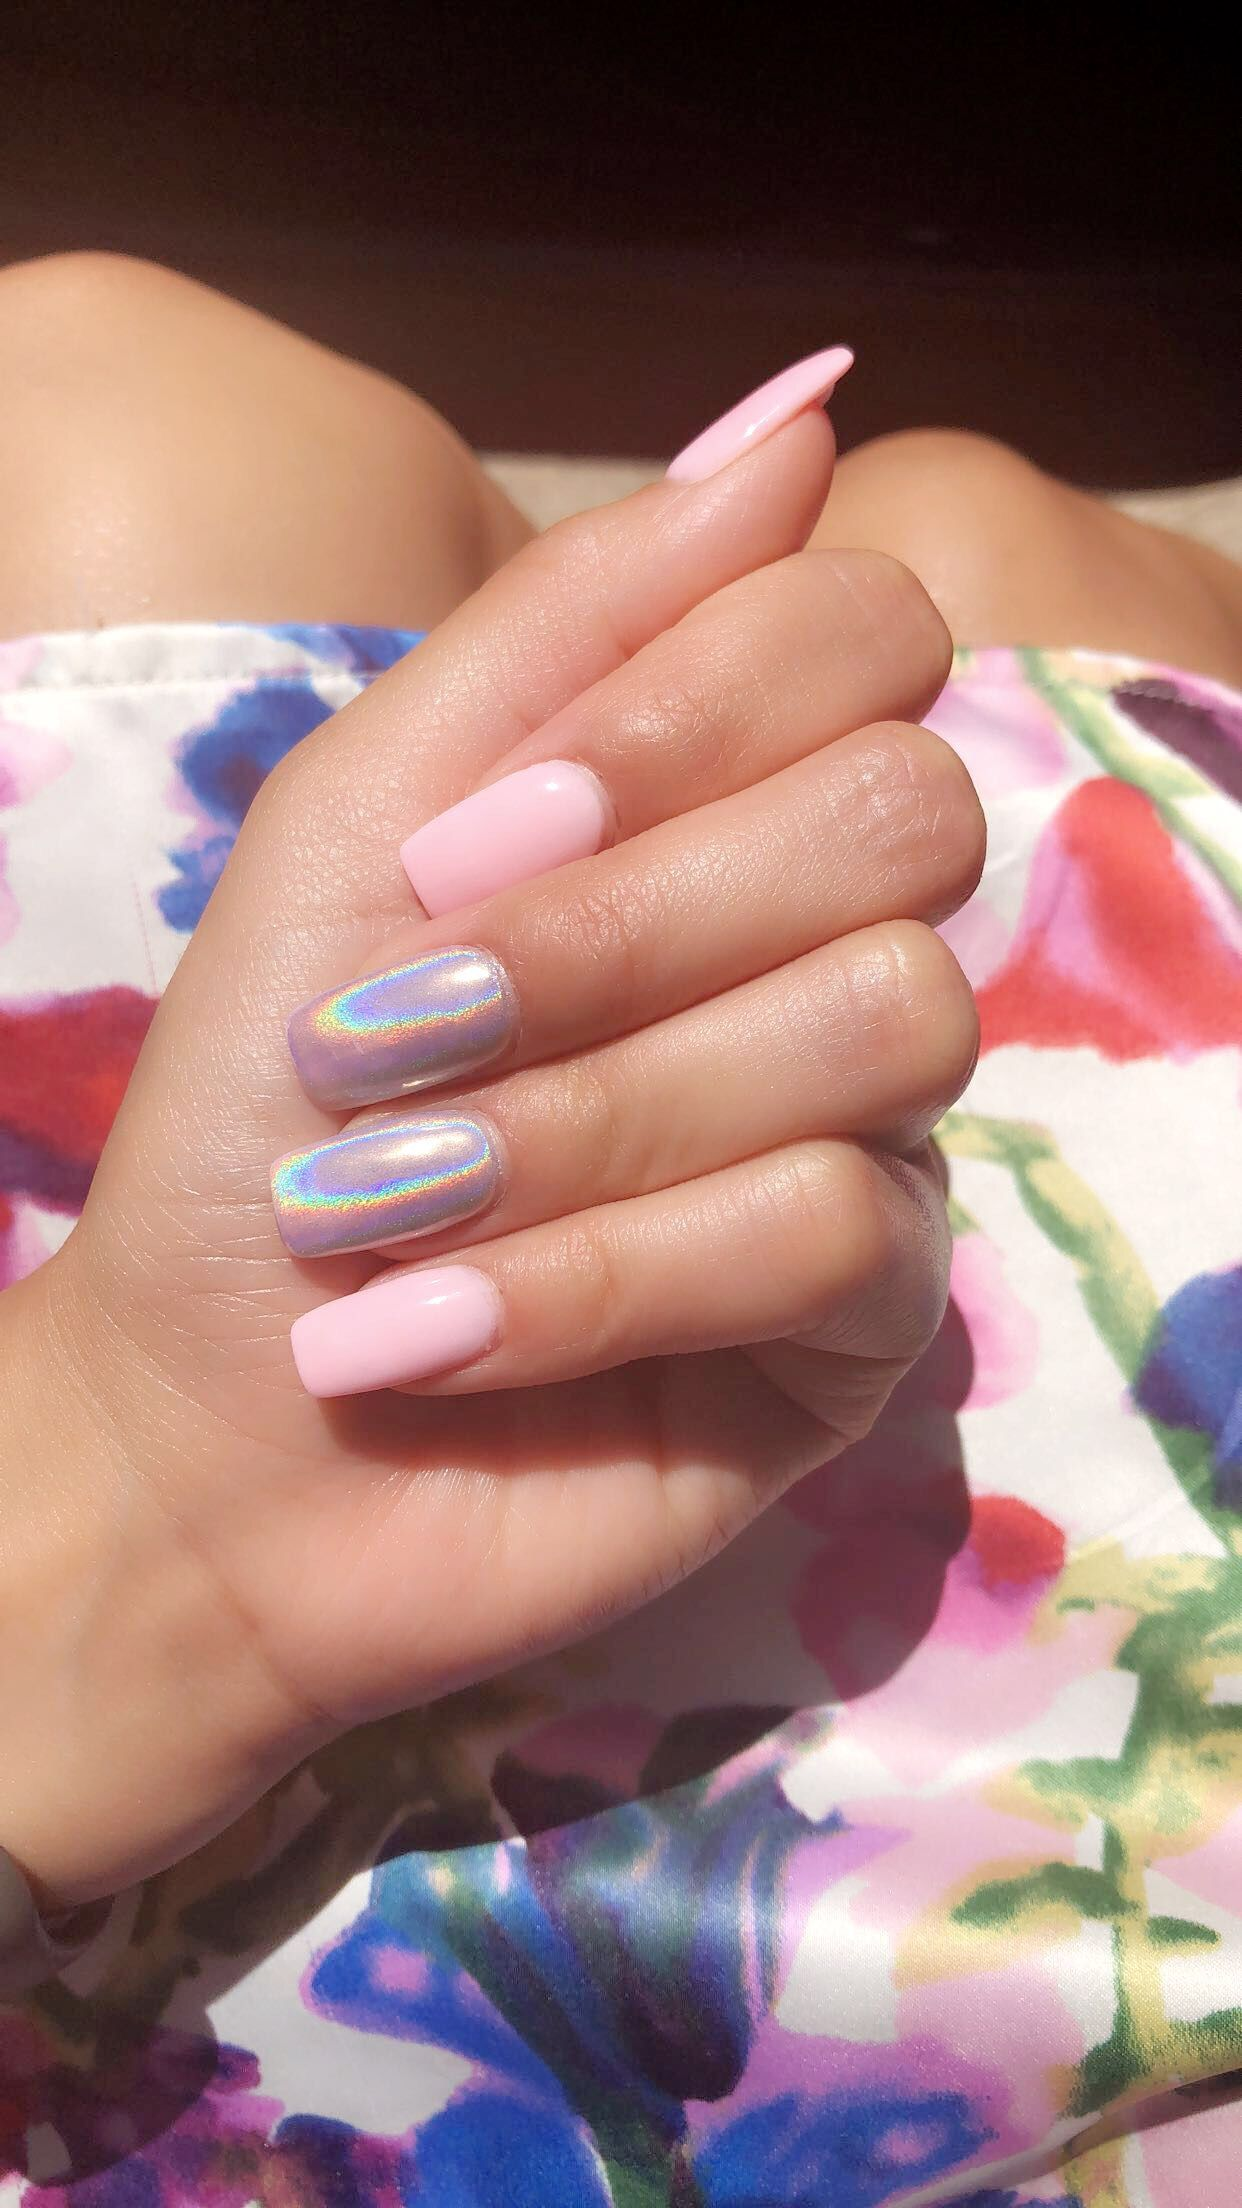 Pink Holographicnails Summer Summernails Dippedpowder Dippednails Pinknails Holographic Pink Holographic Nails Square Acrylic Nails Holographic Nails